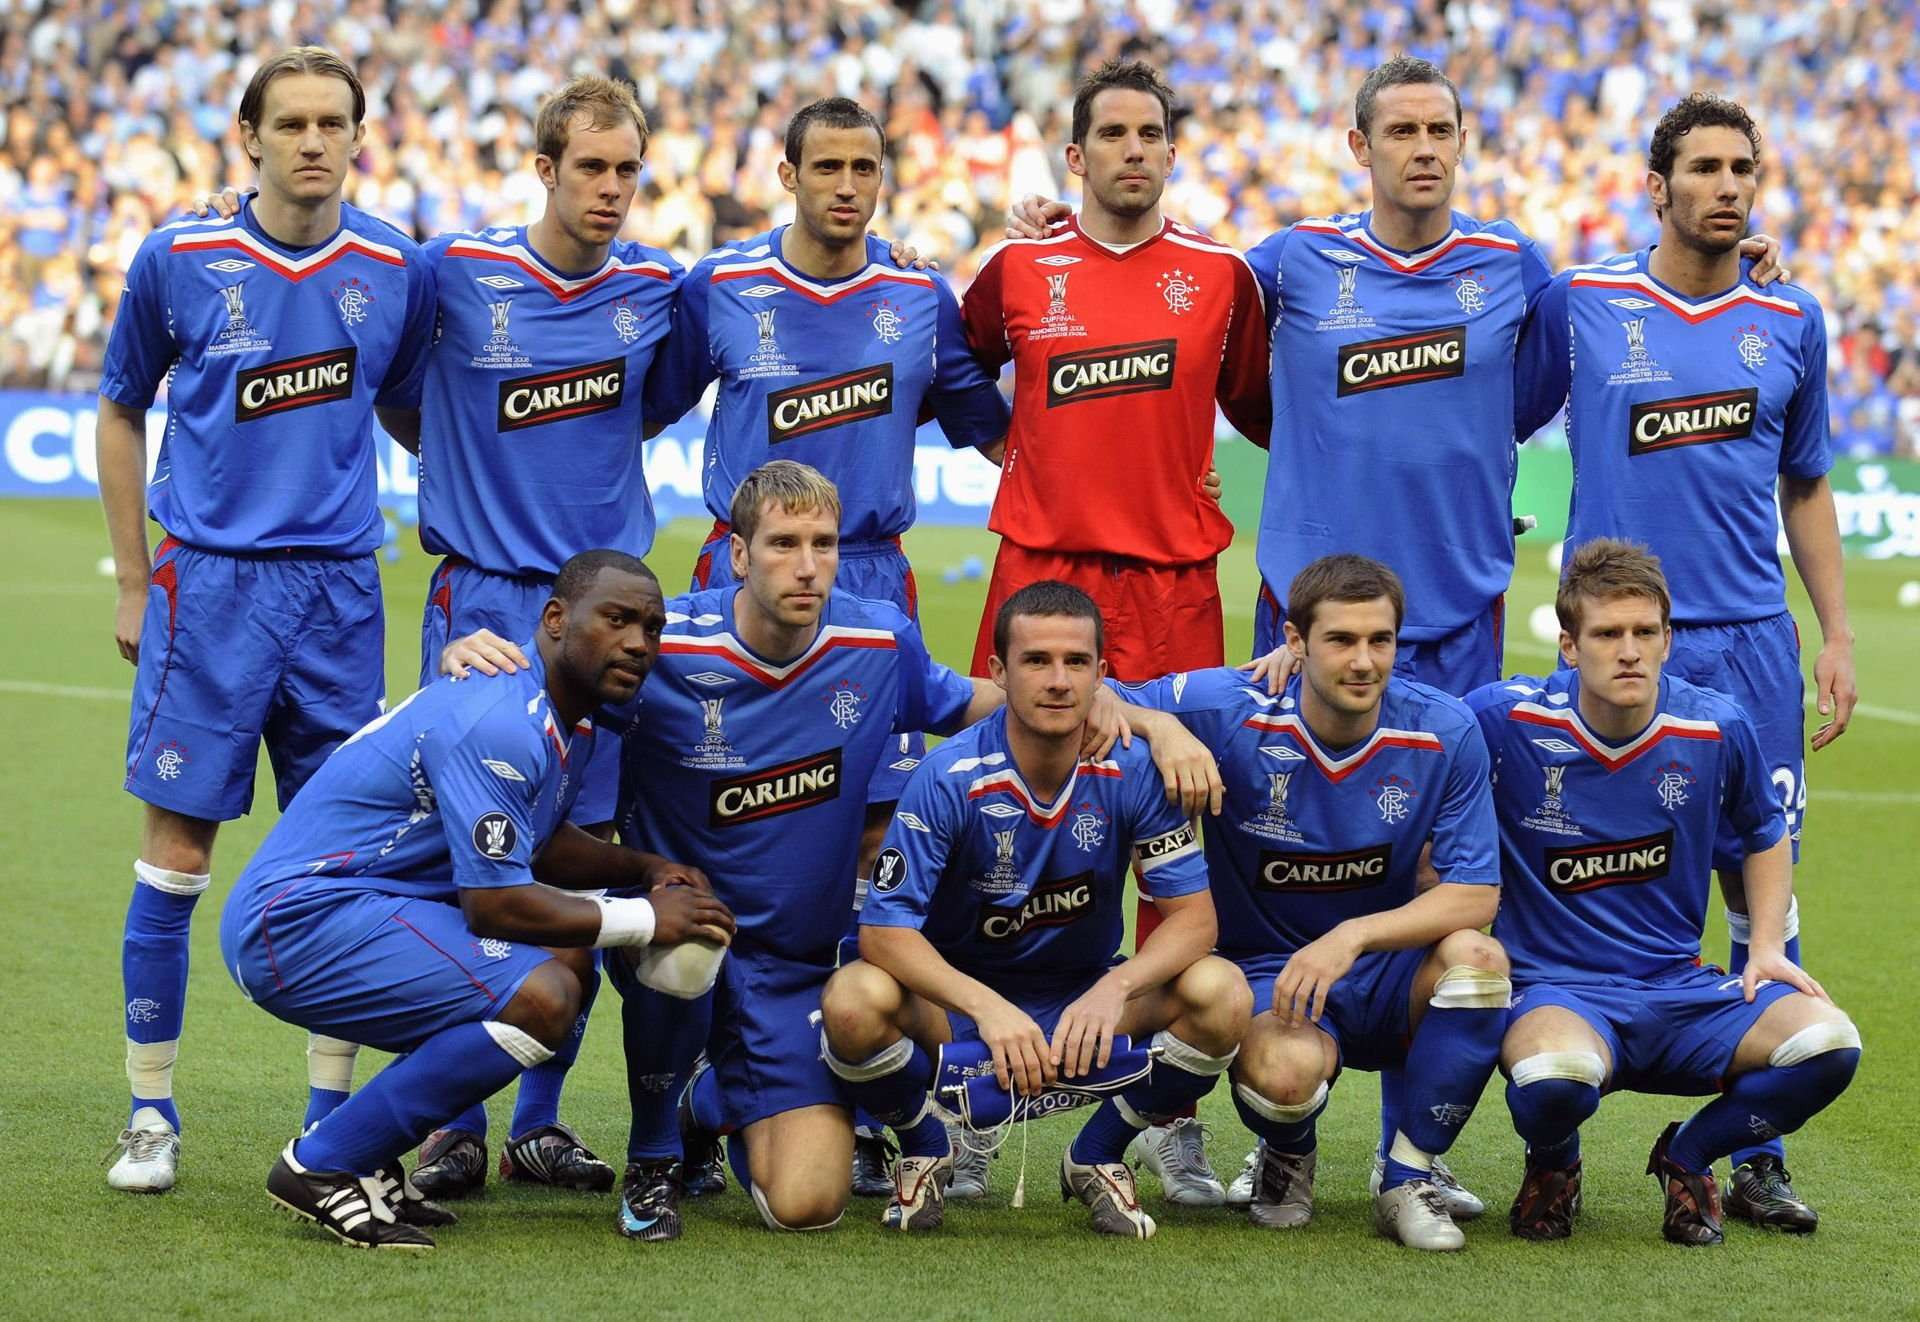 13 лет назад «Зенит» выиграл Кубок УЕФА. Фотопост о том, как это было круто!